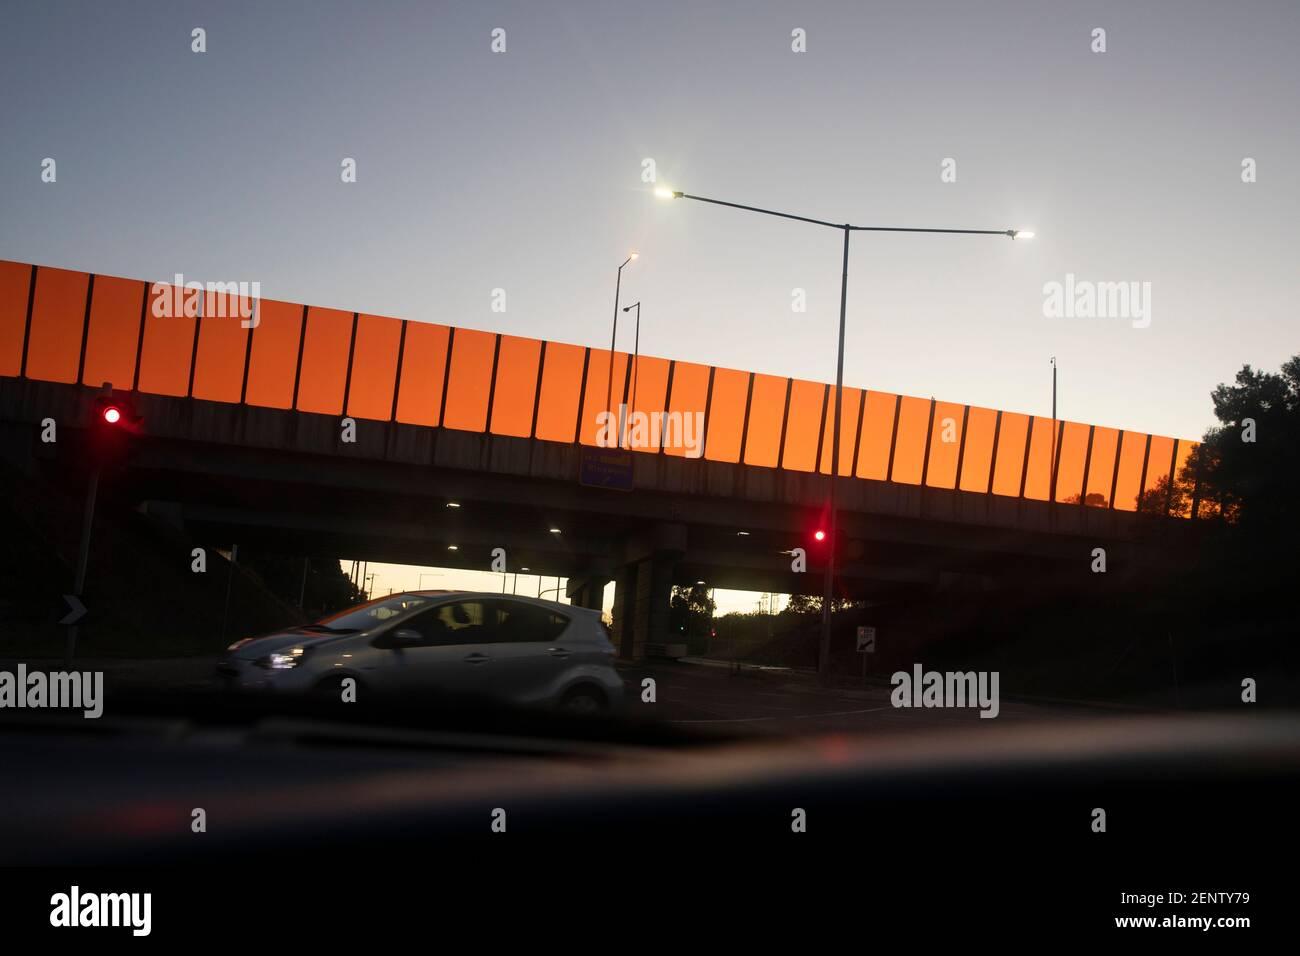 La barrera del ruido moderna pasa por el paso elevado durante la hora punta. Foto de stock